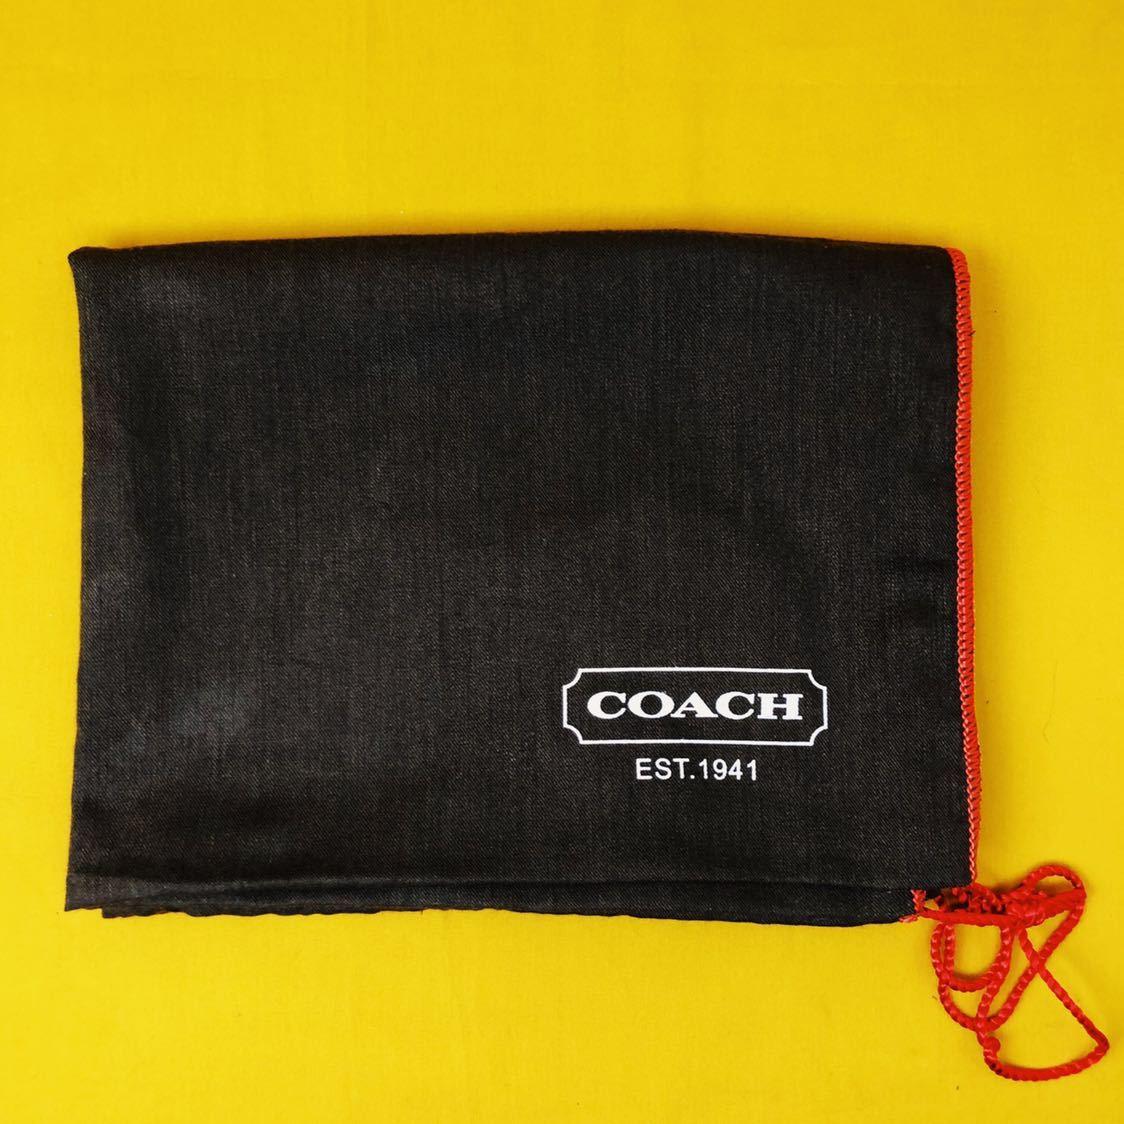 未使用品 美品 コーチ COACH トートバッグ バッグ ビジネスバッグ 黒 ブラック レザー メンズバッグ 革 14万 オールドコーチ ビンテージ _画像9